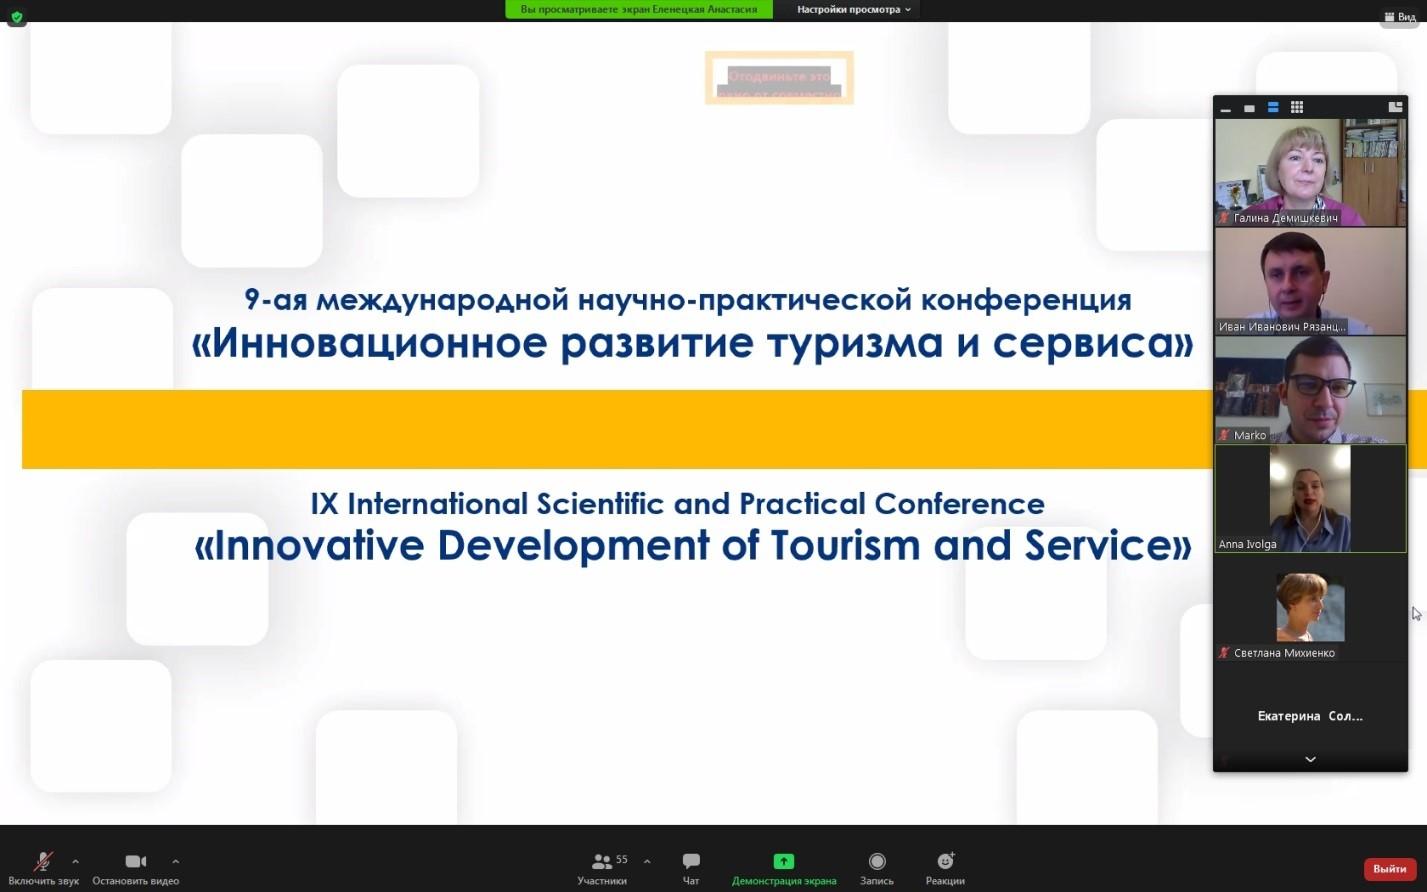 Академия приняла участие в 9 Международной научно-практической конференции «Инновационные аспекты развития сервиса и туризма», которая состоялась 21.04.2021 года на базе ФГБОУ ВО Ставропольский ГАУ